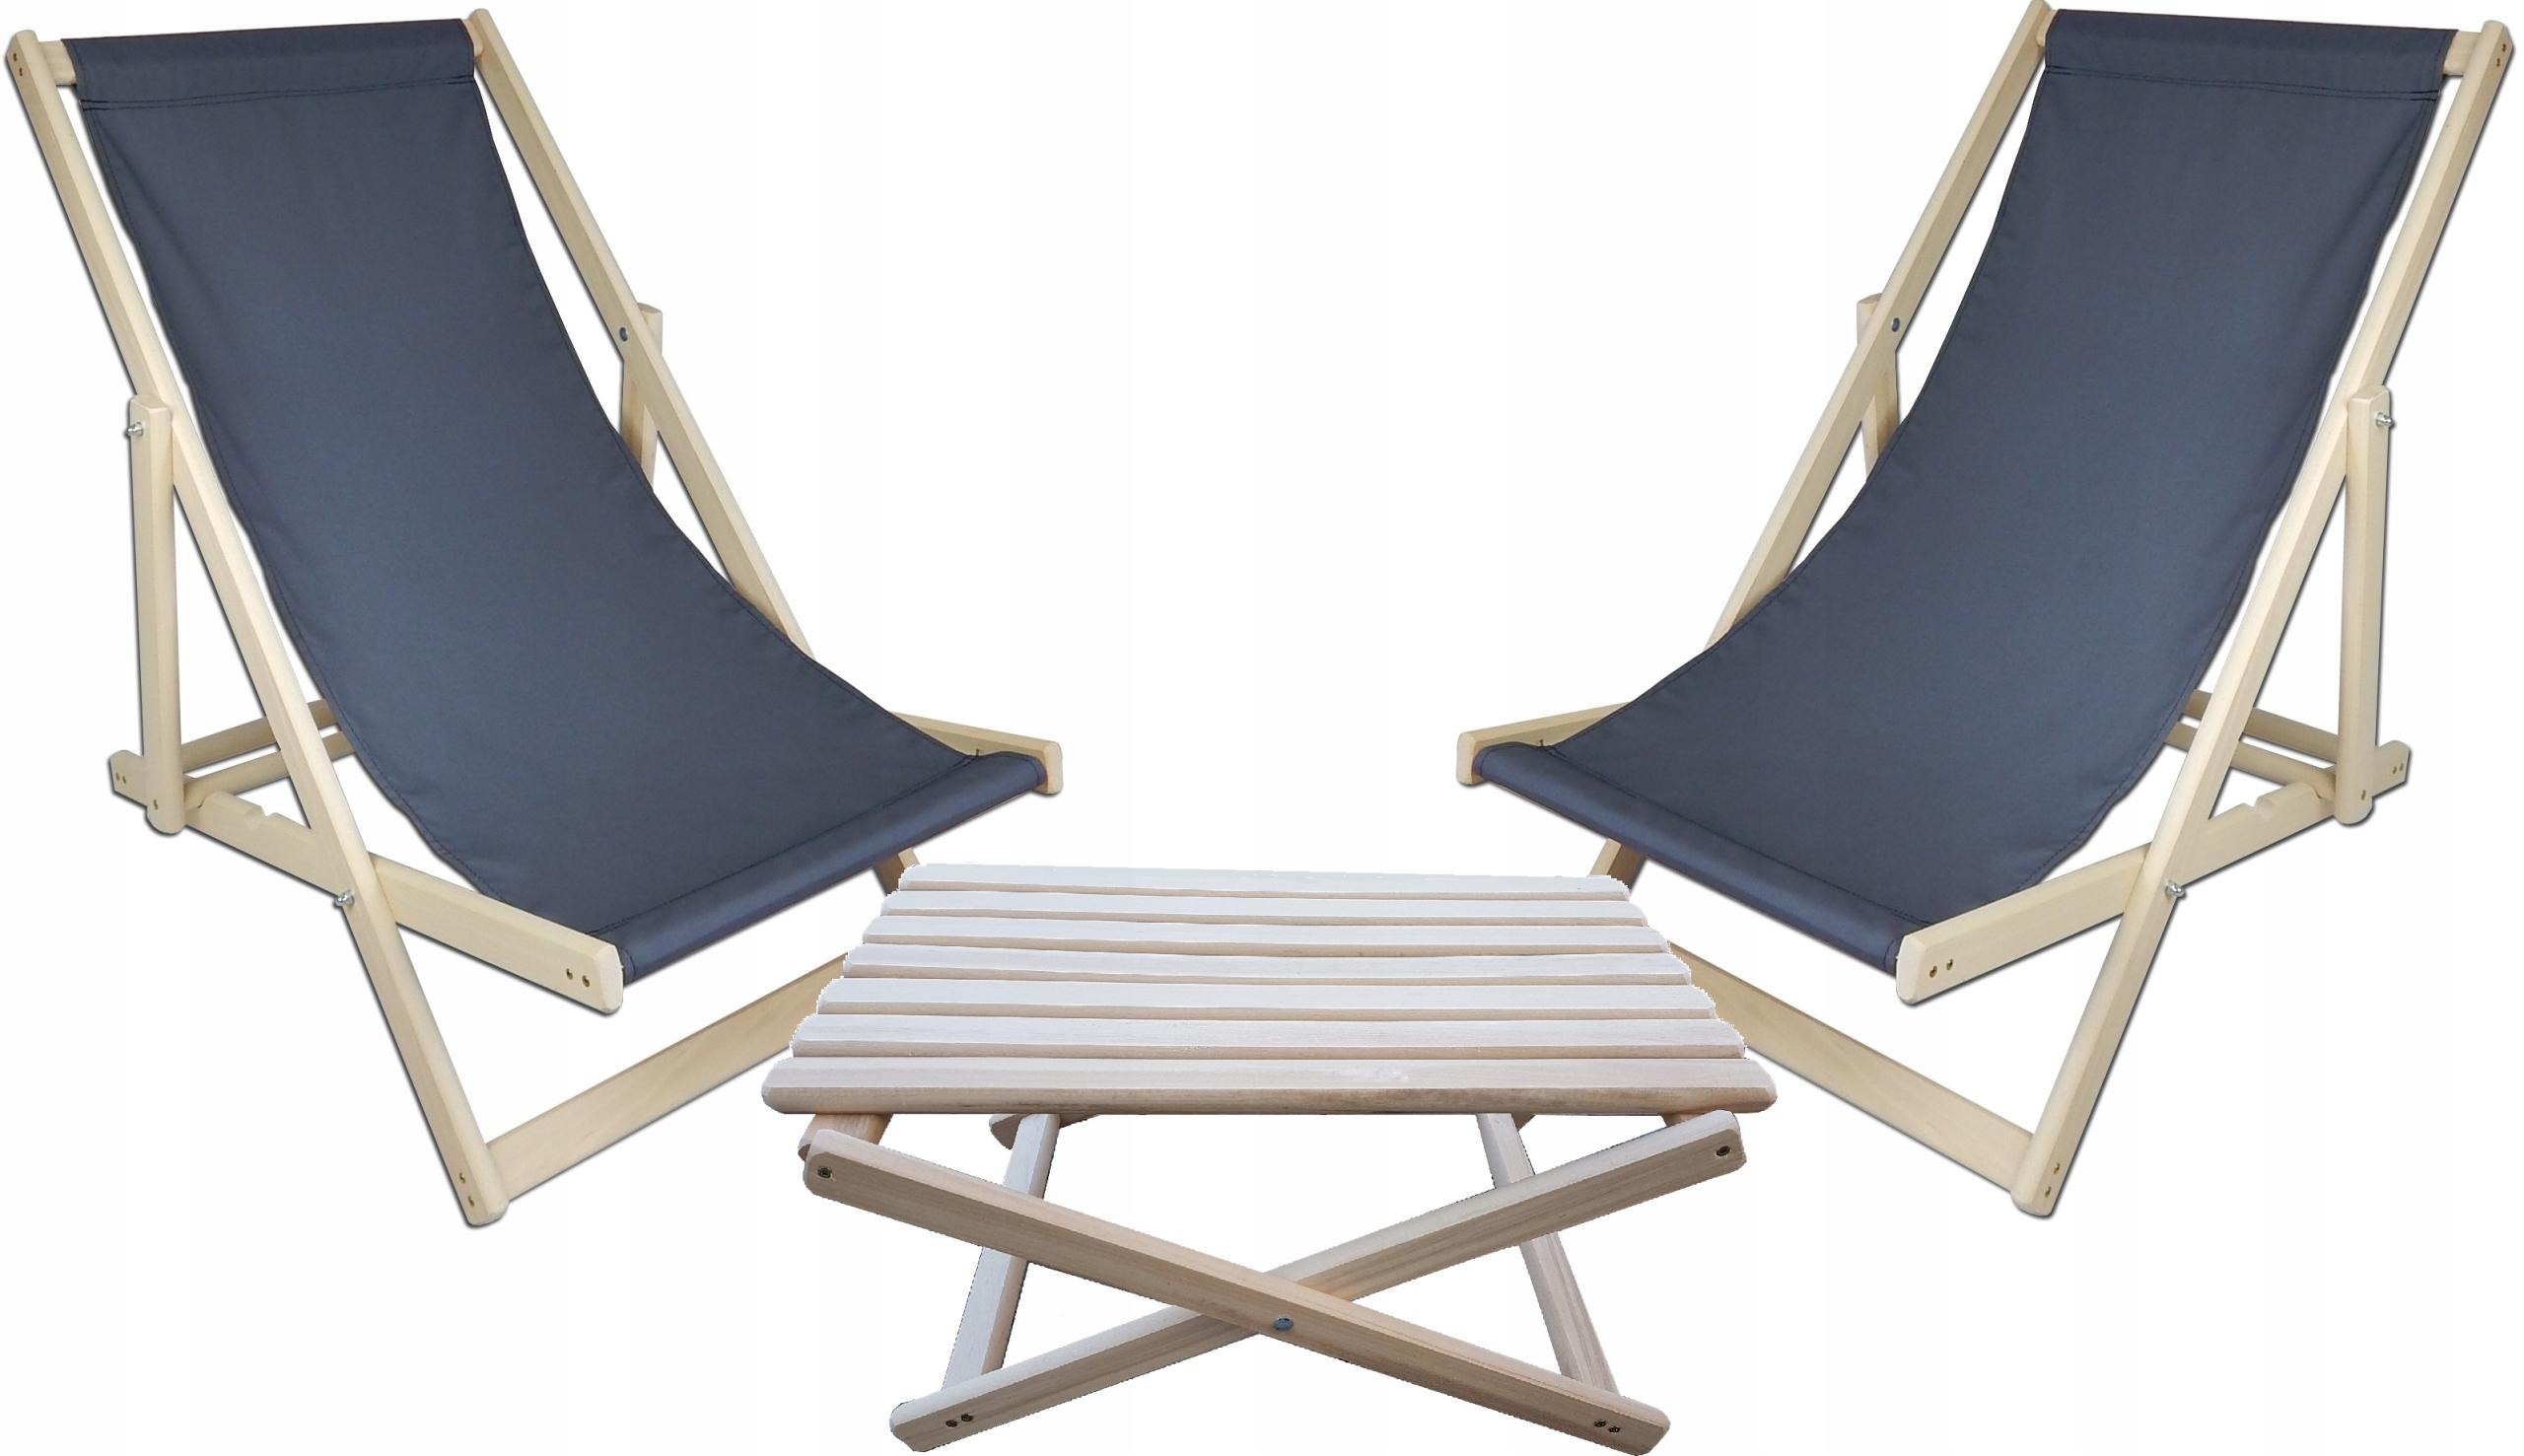 2 деревянных пляжных шезлонга + журнальный столик